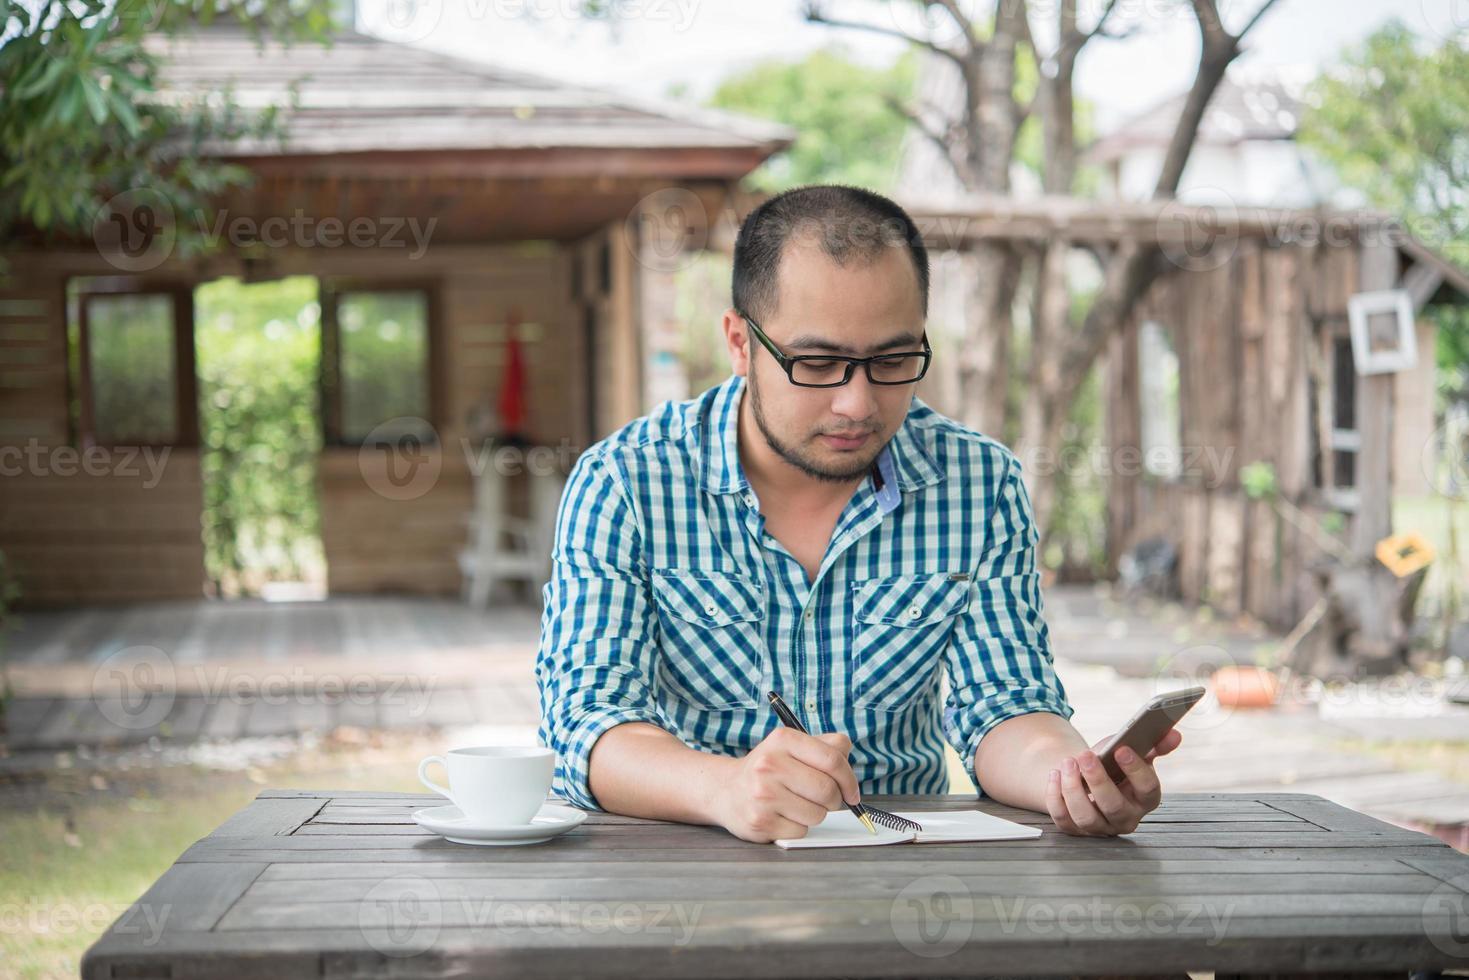 jonge zakenman met behulp van smartphone tijdens het werken in de tuin foto